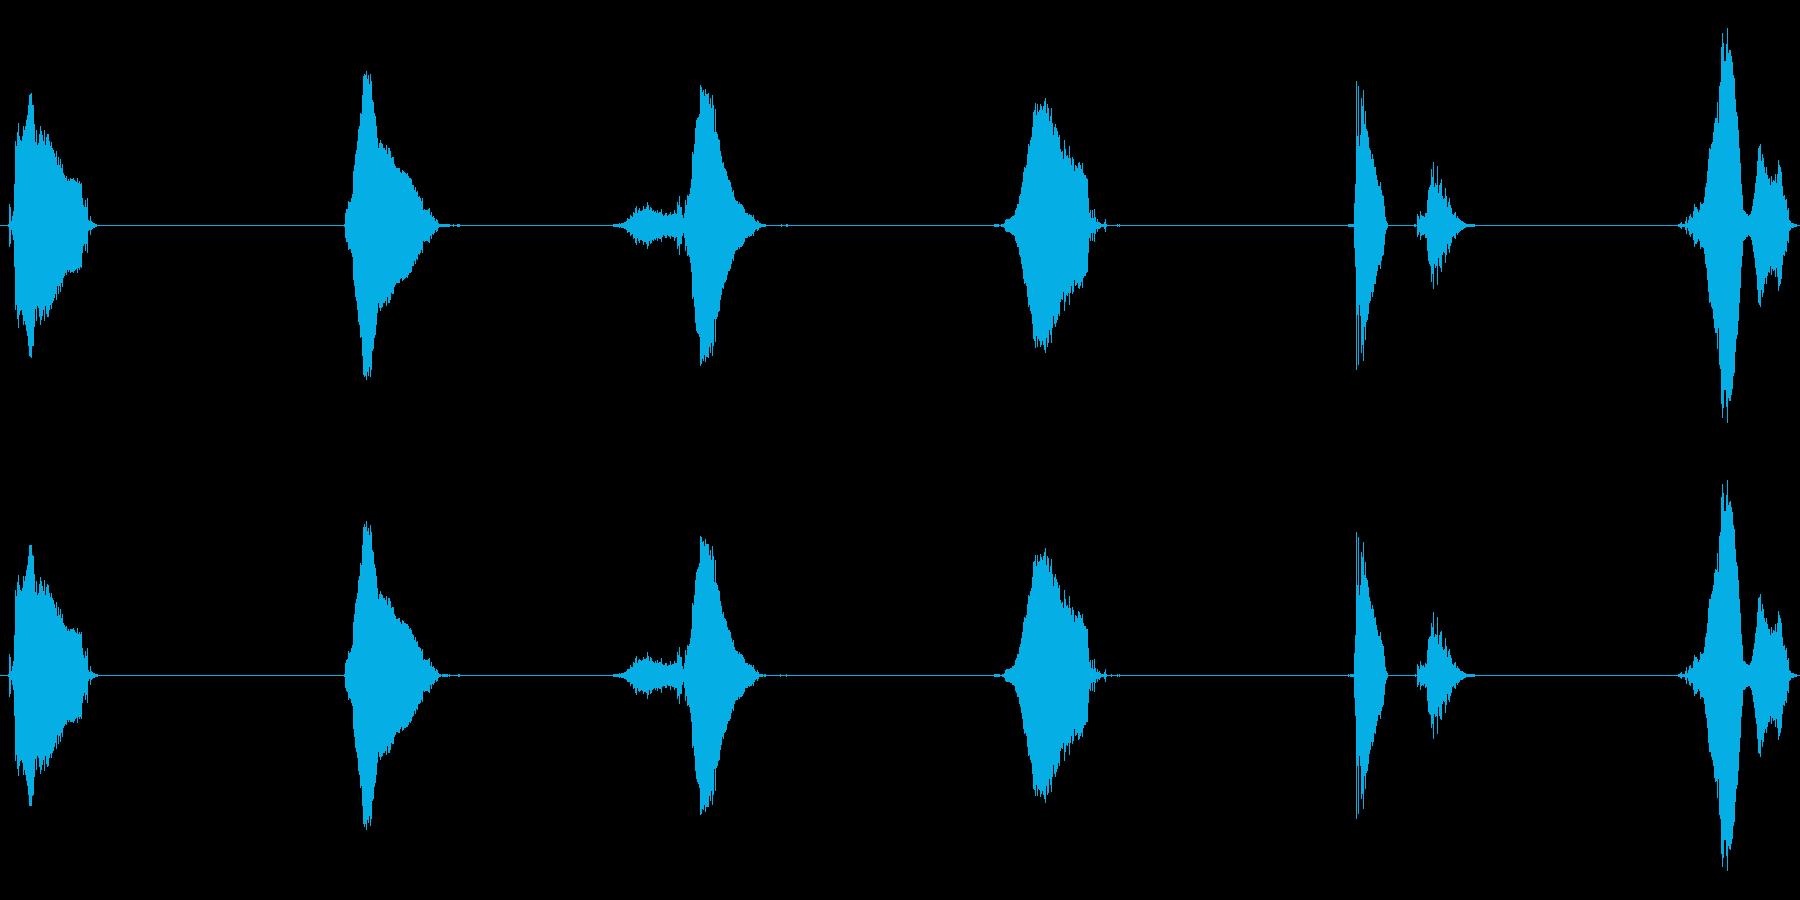 【子供カウント】5、4、3、2、1、0!の再生済みの波形